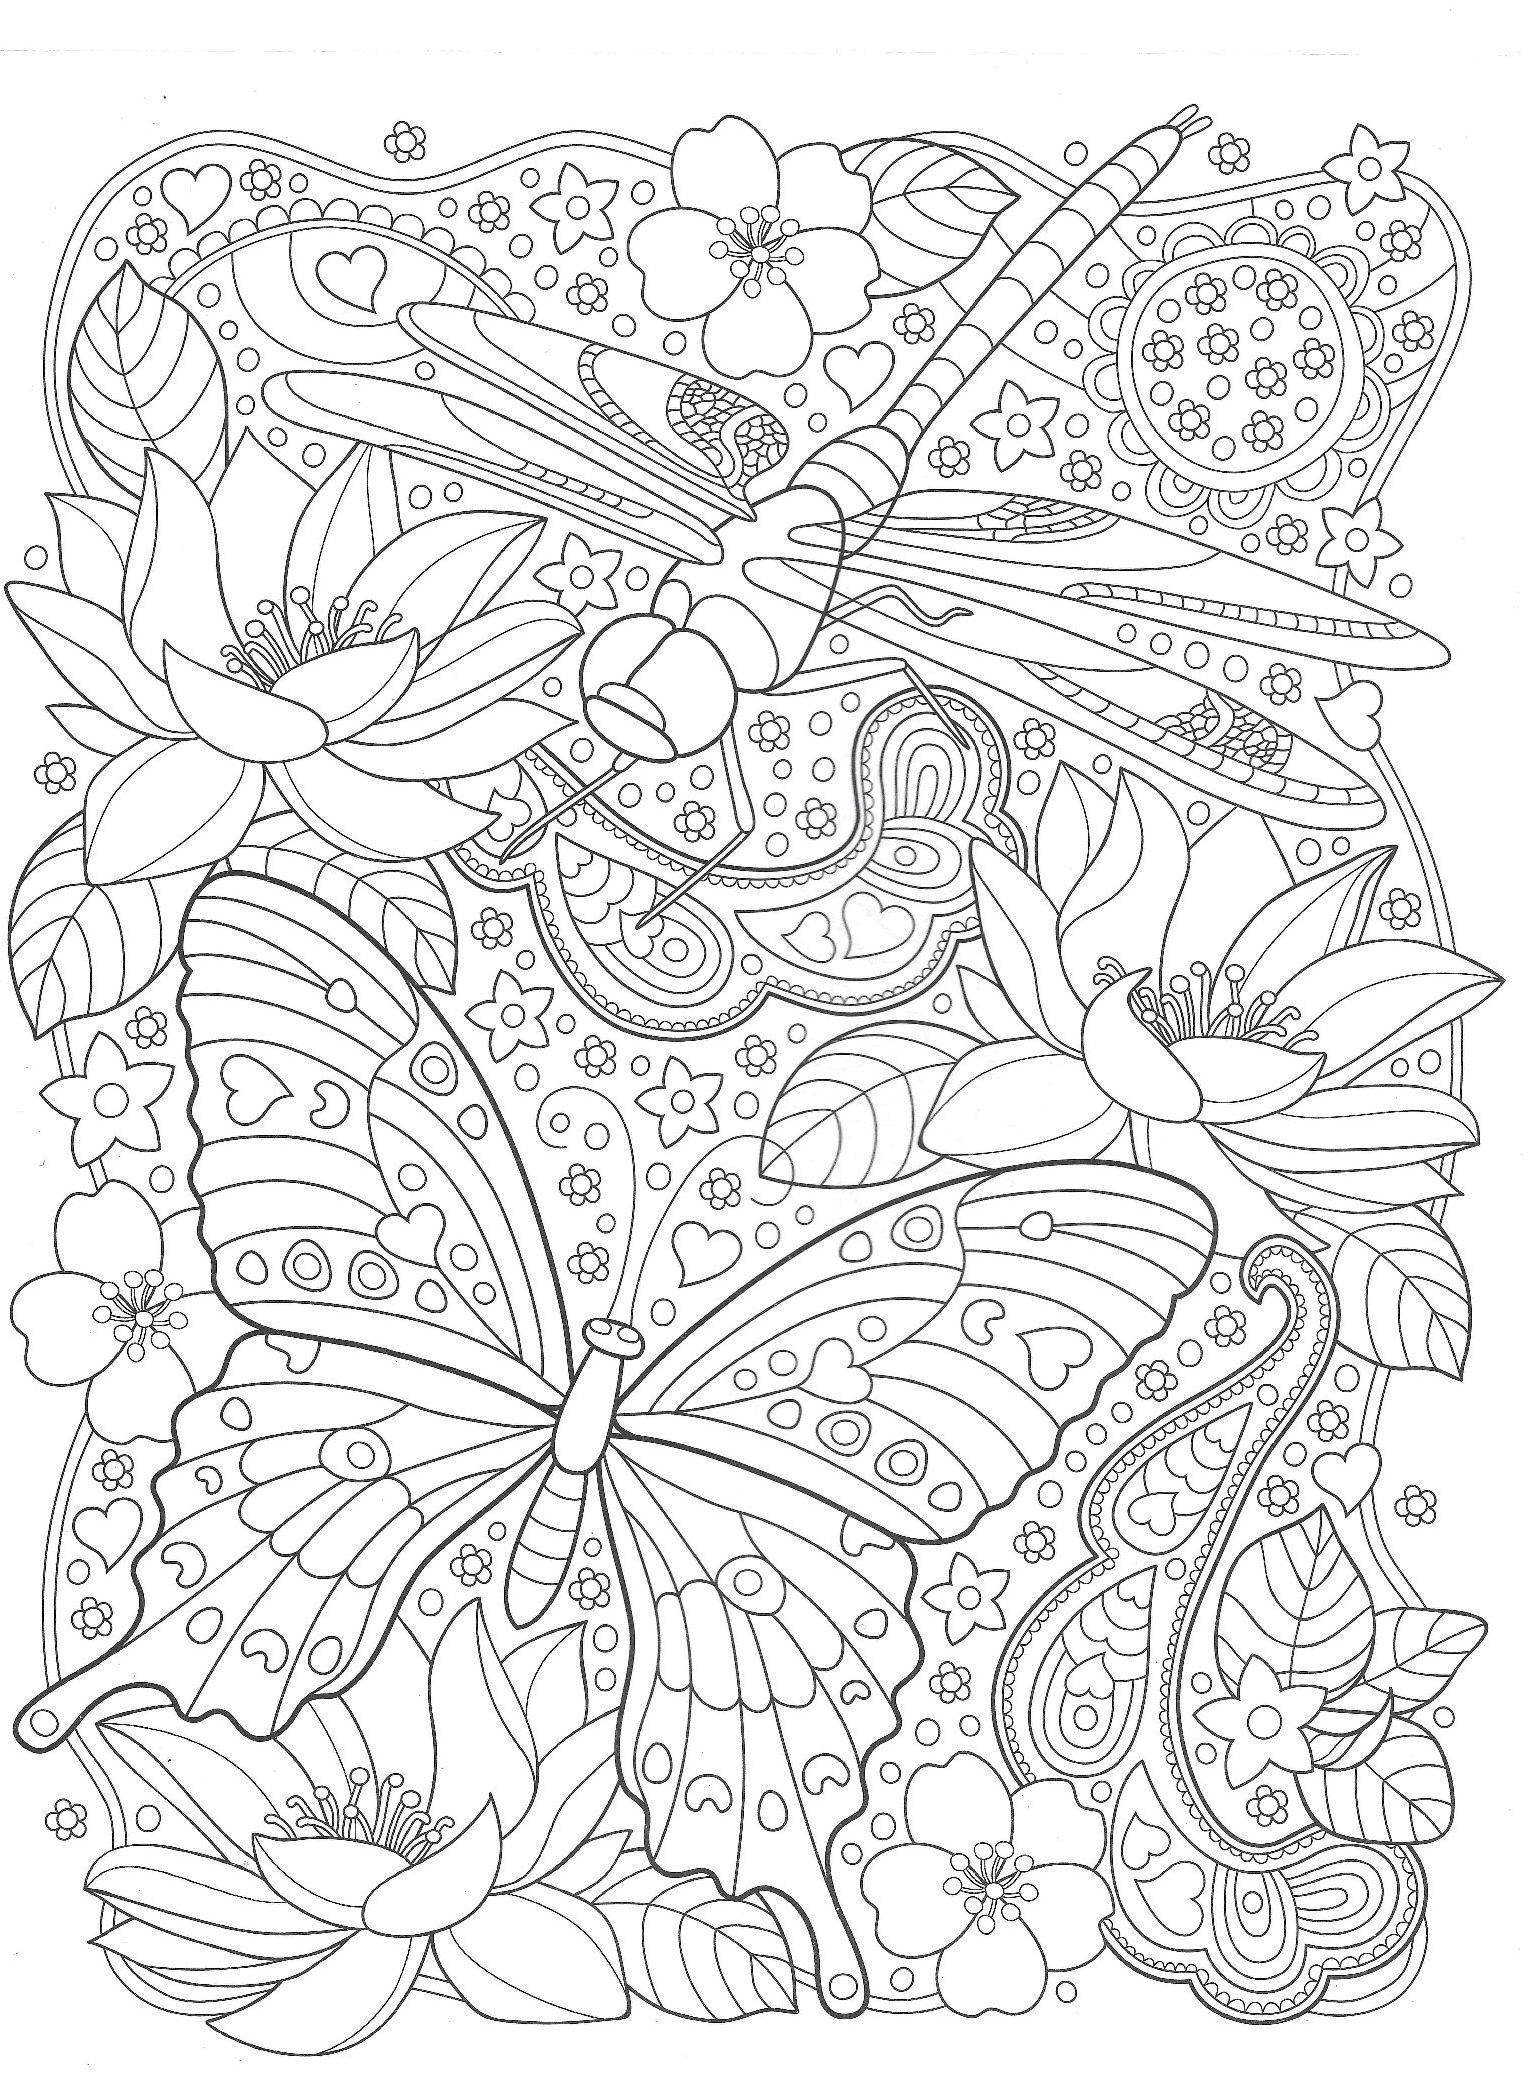 бабочка и стрекоза с цветами насекомые раскраски антистресс